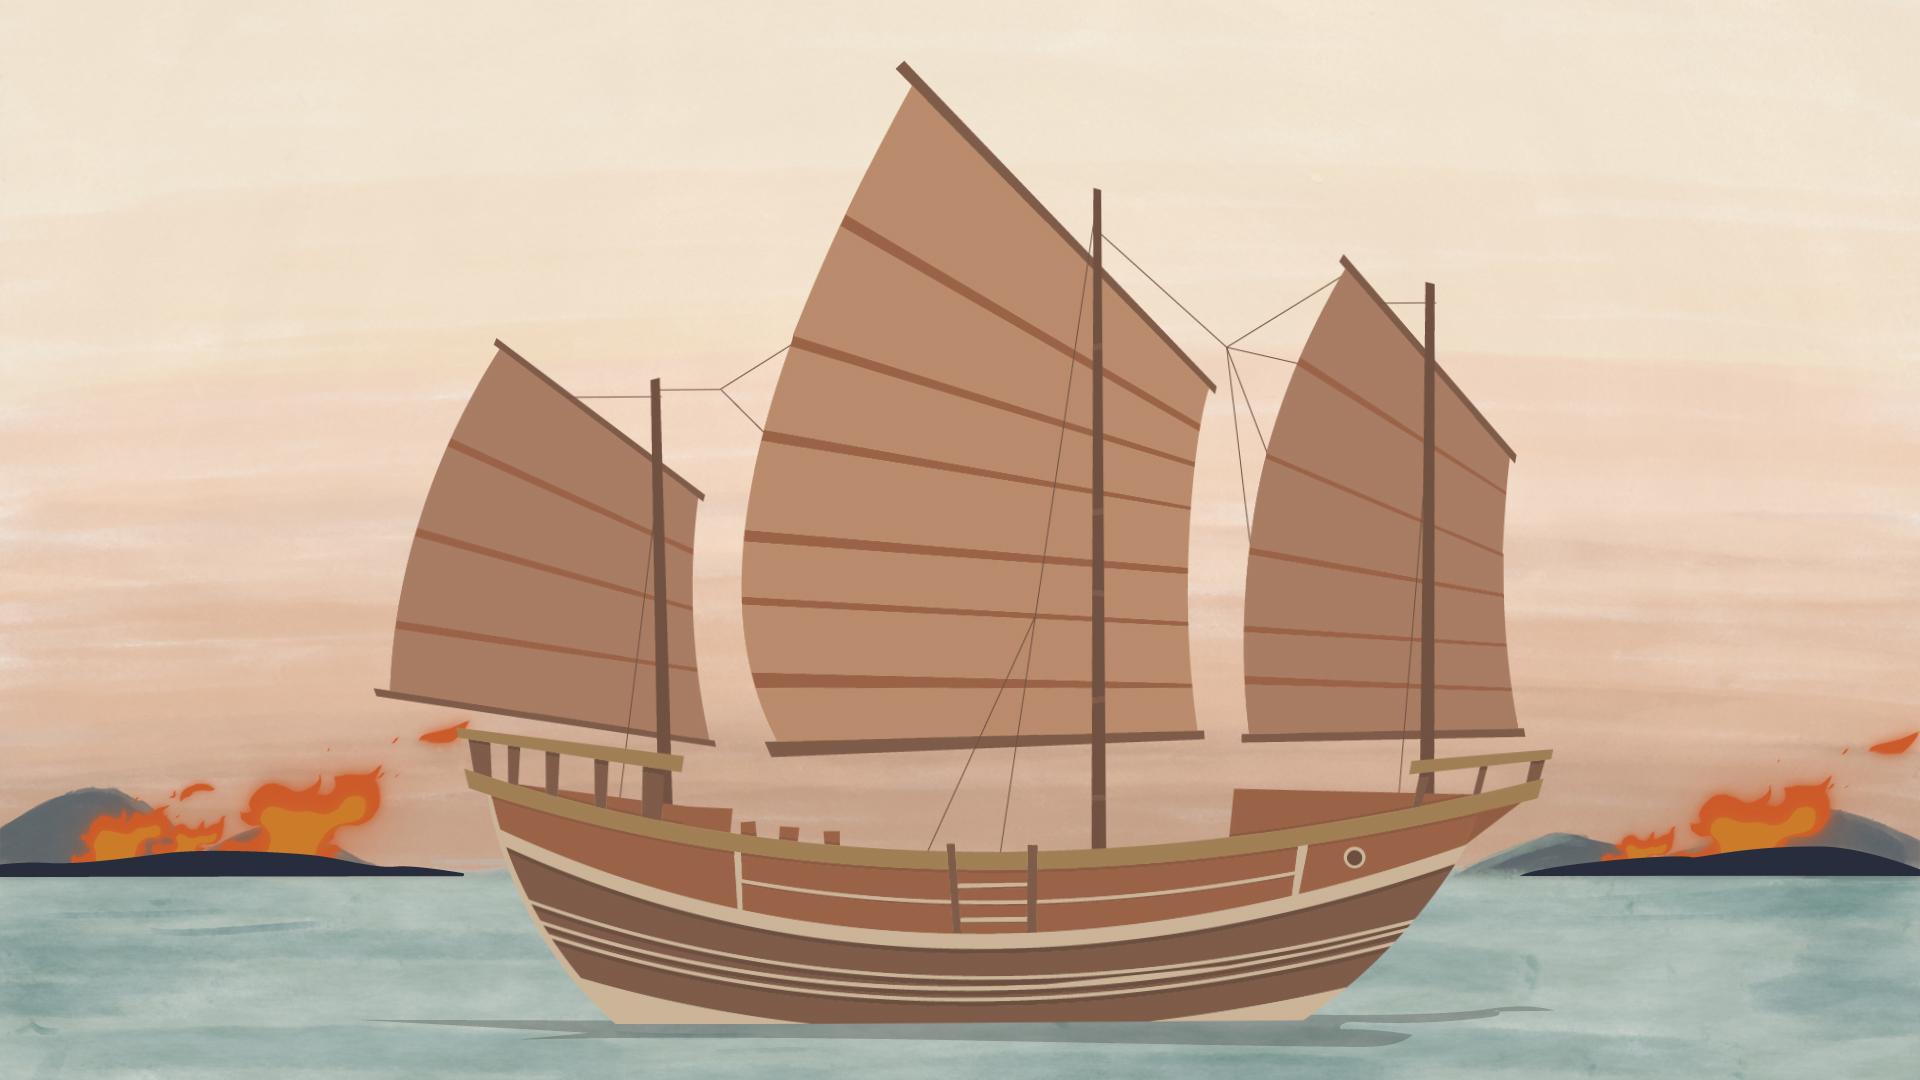 teded-most-successful-pirate-ship-fire-raids.jpg